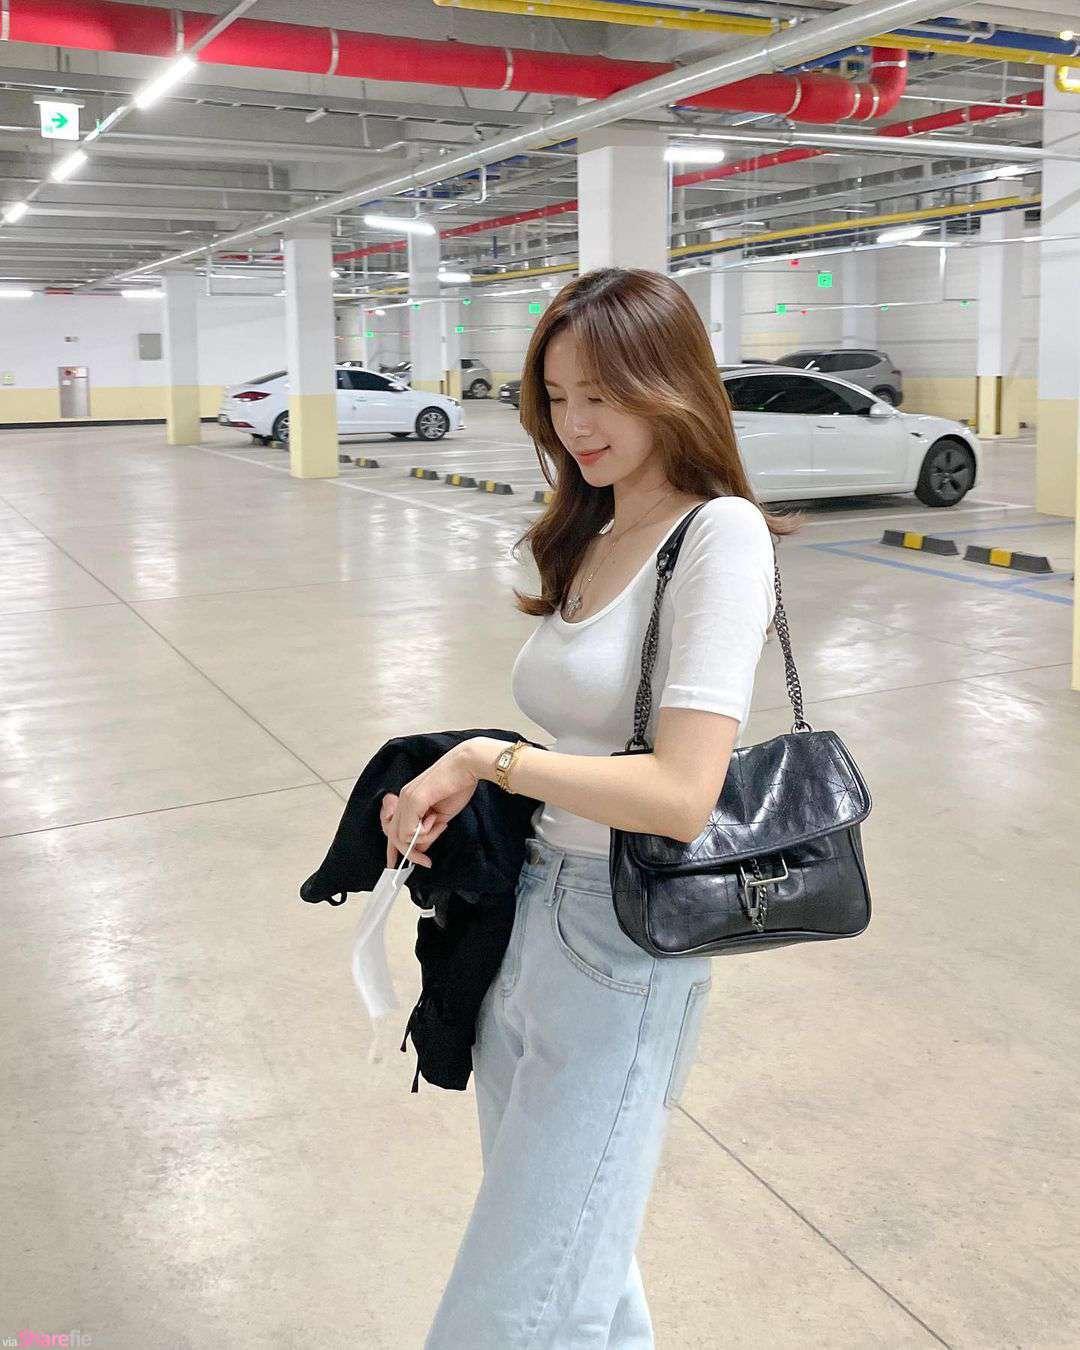 服裝網店老闆娘停車場美拍,氣質甜美一眼迷上她